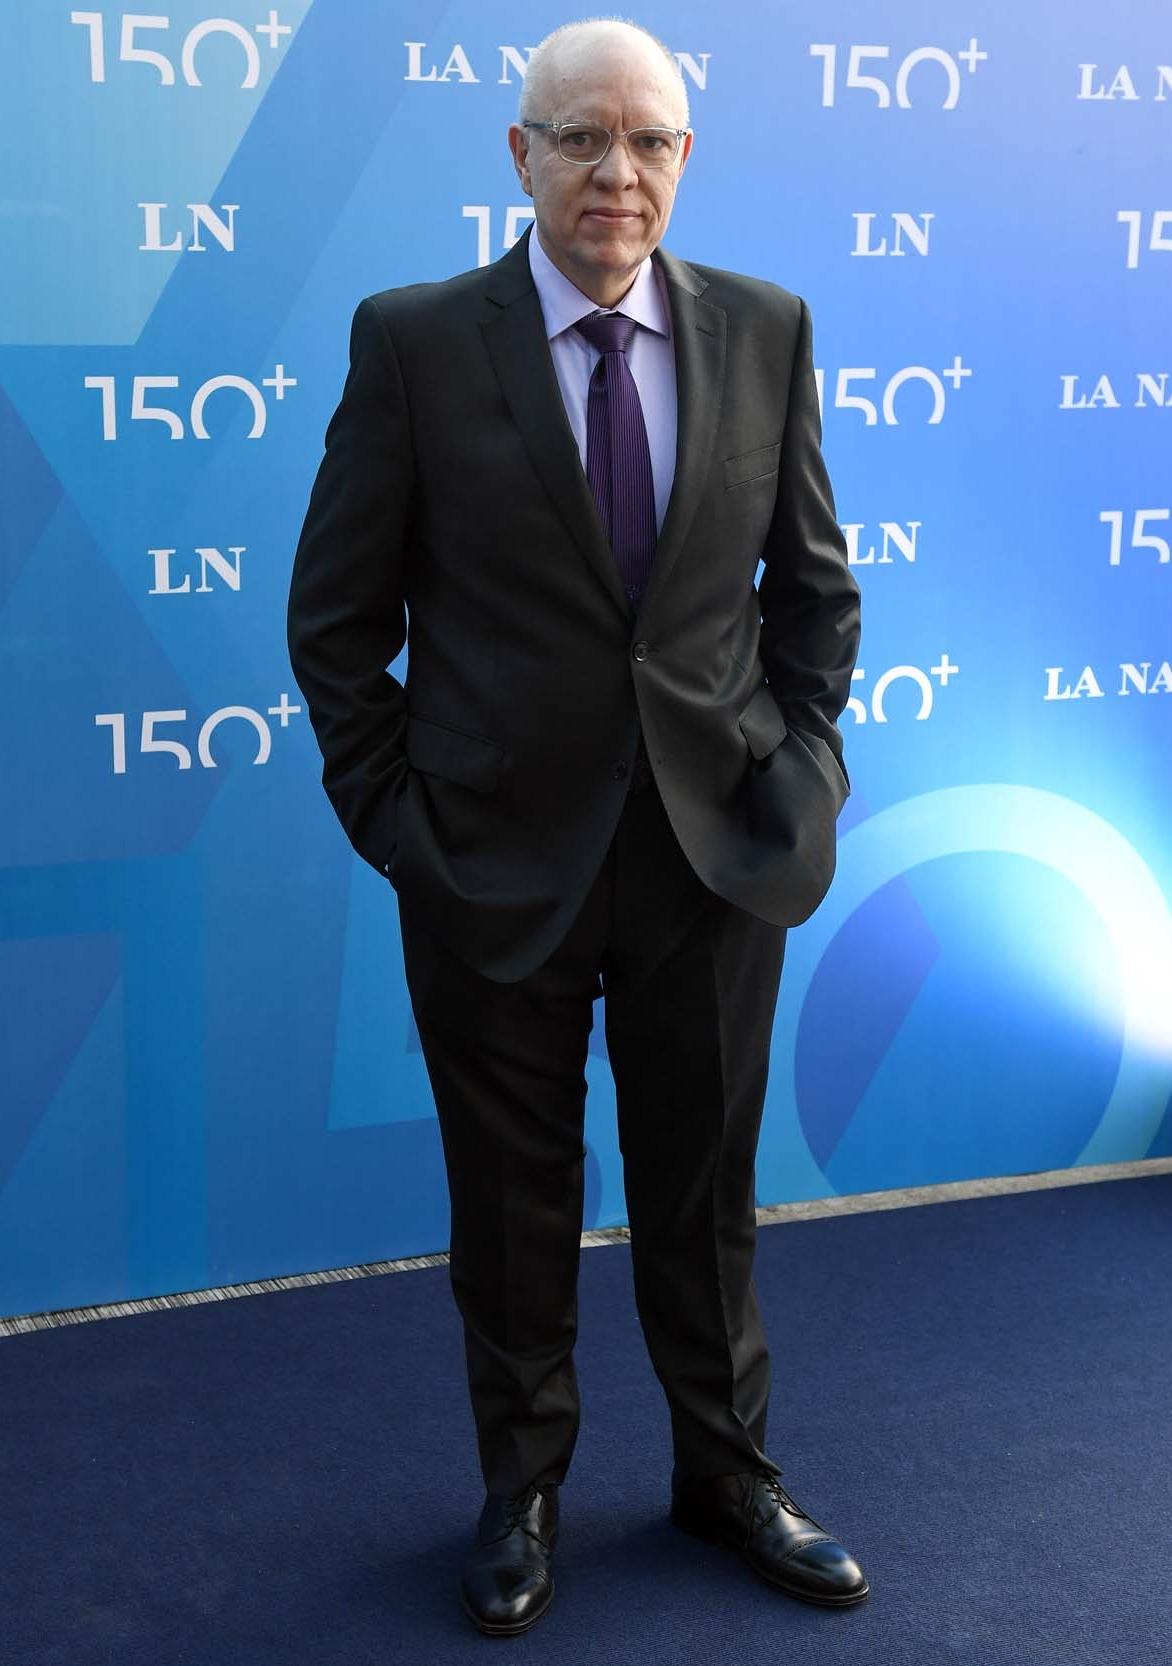 El periodista Jorge Fernández Díaz